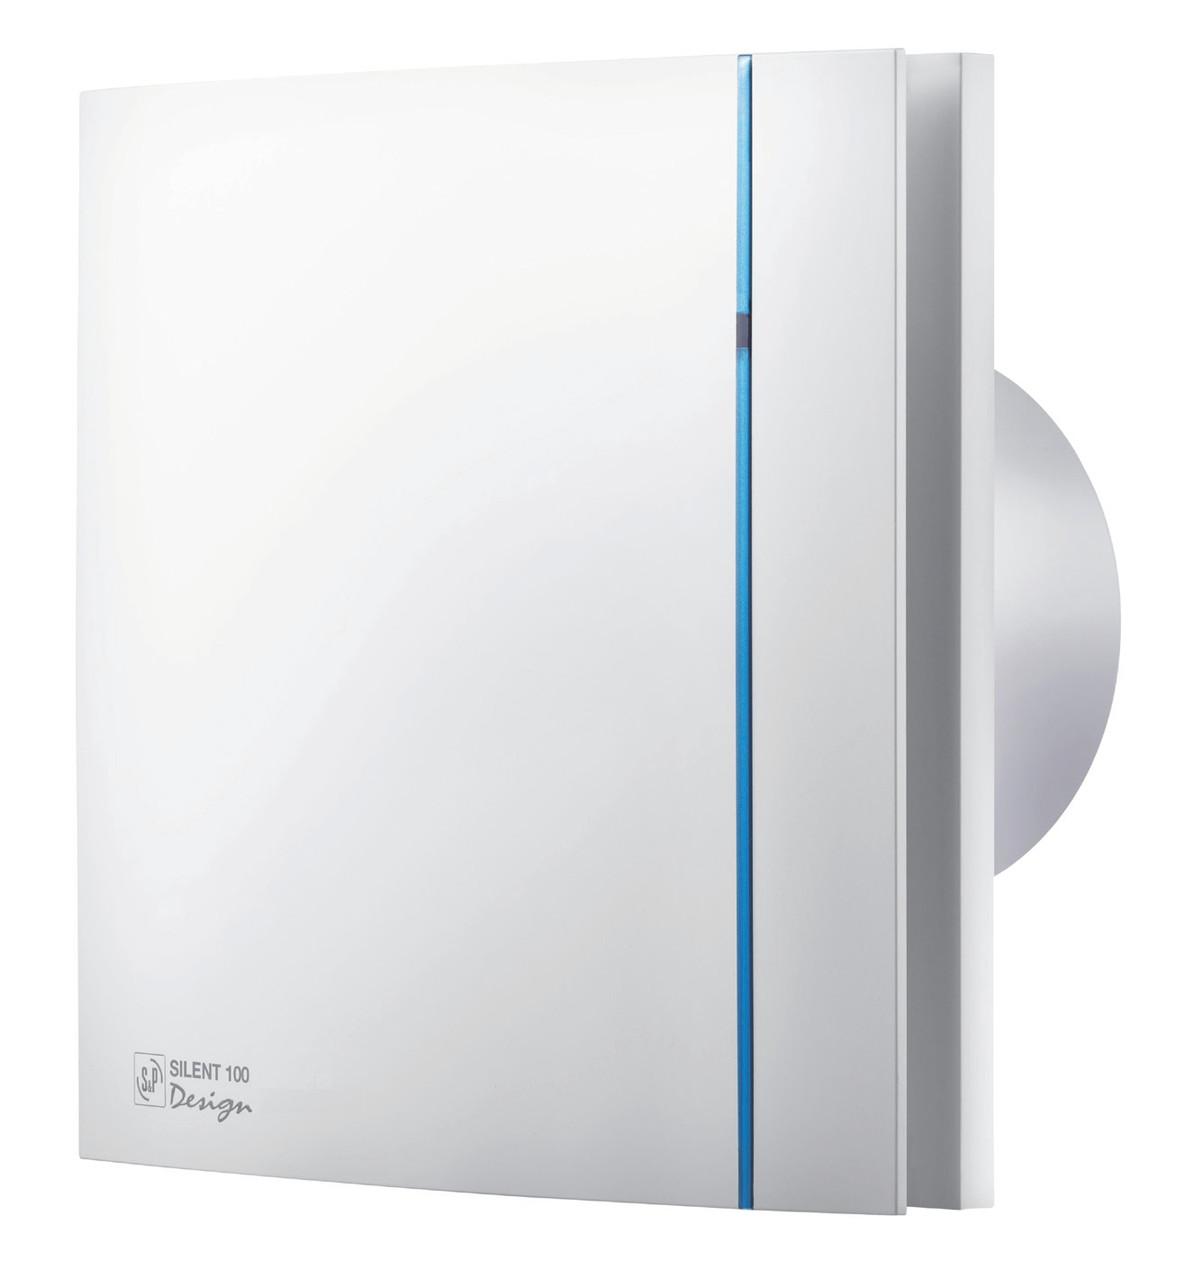 Вентилятор бытовой осевой Soler&Palau SILENT-200 CRZ DESIGN - 3C (230V 50)